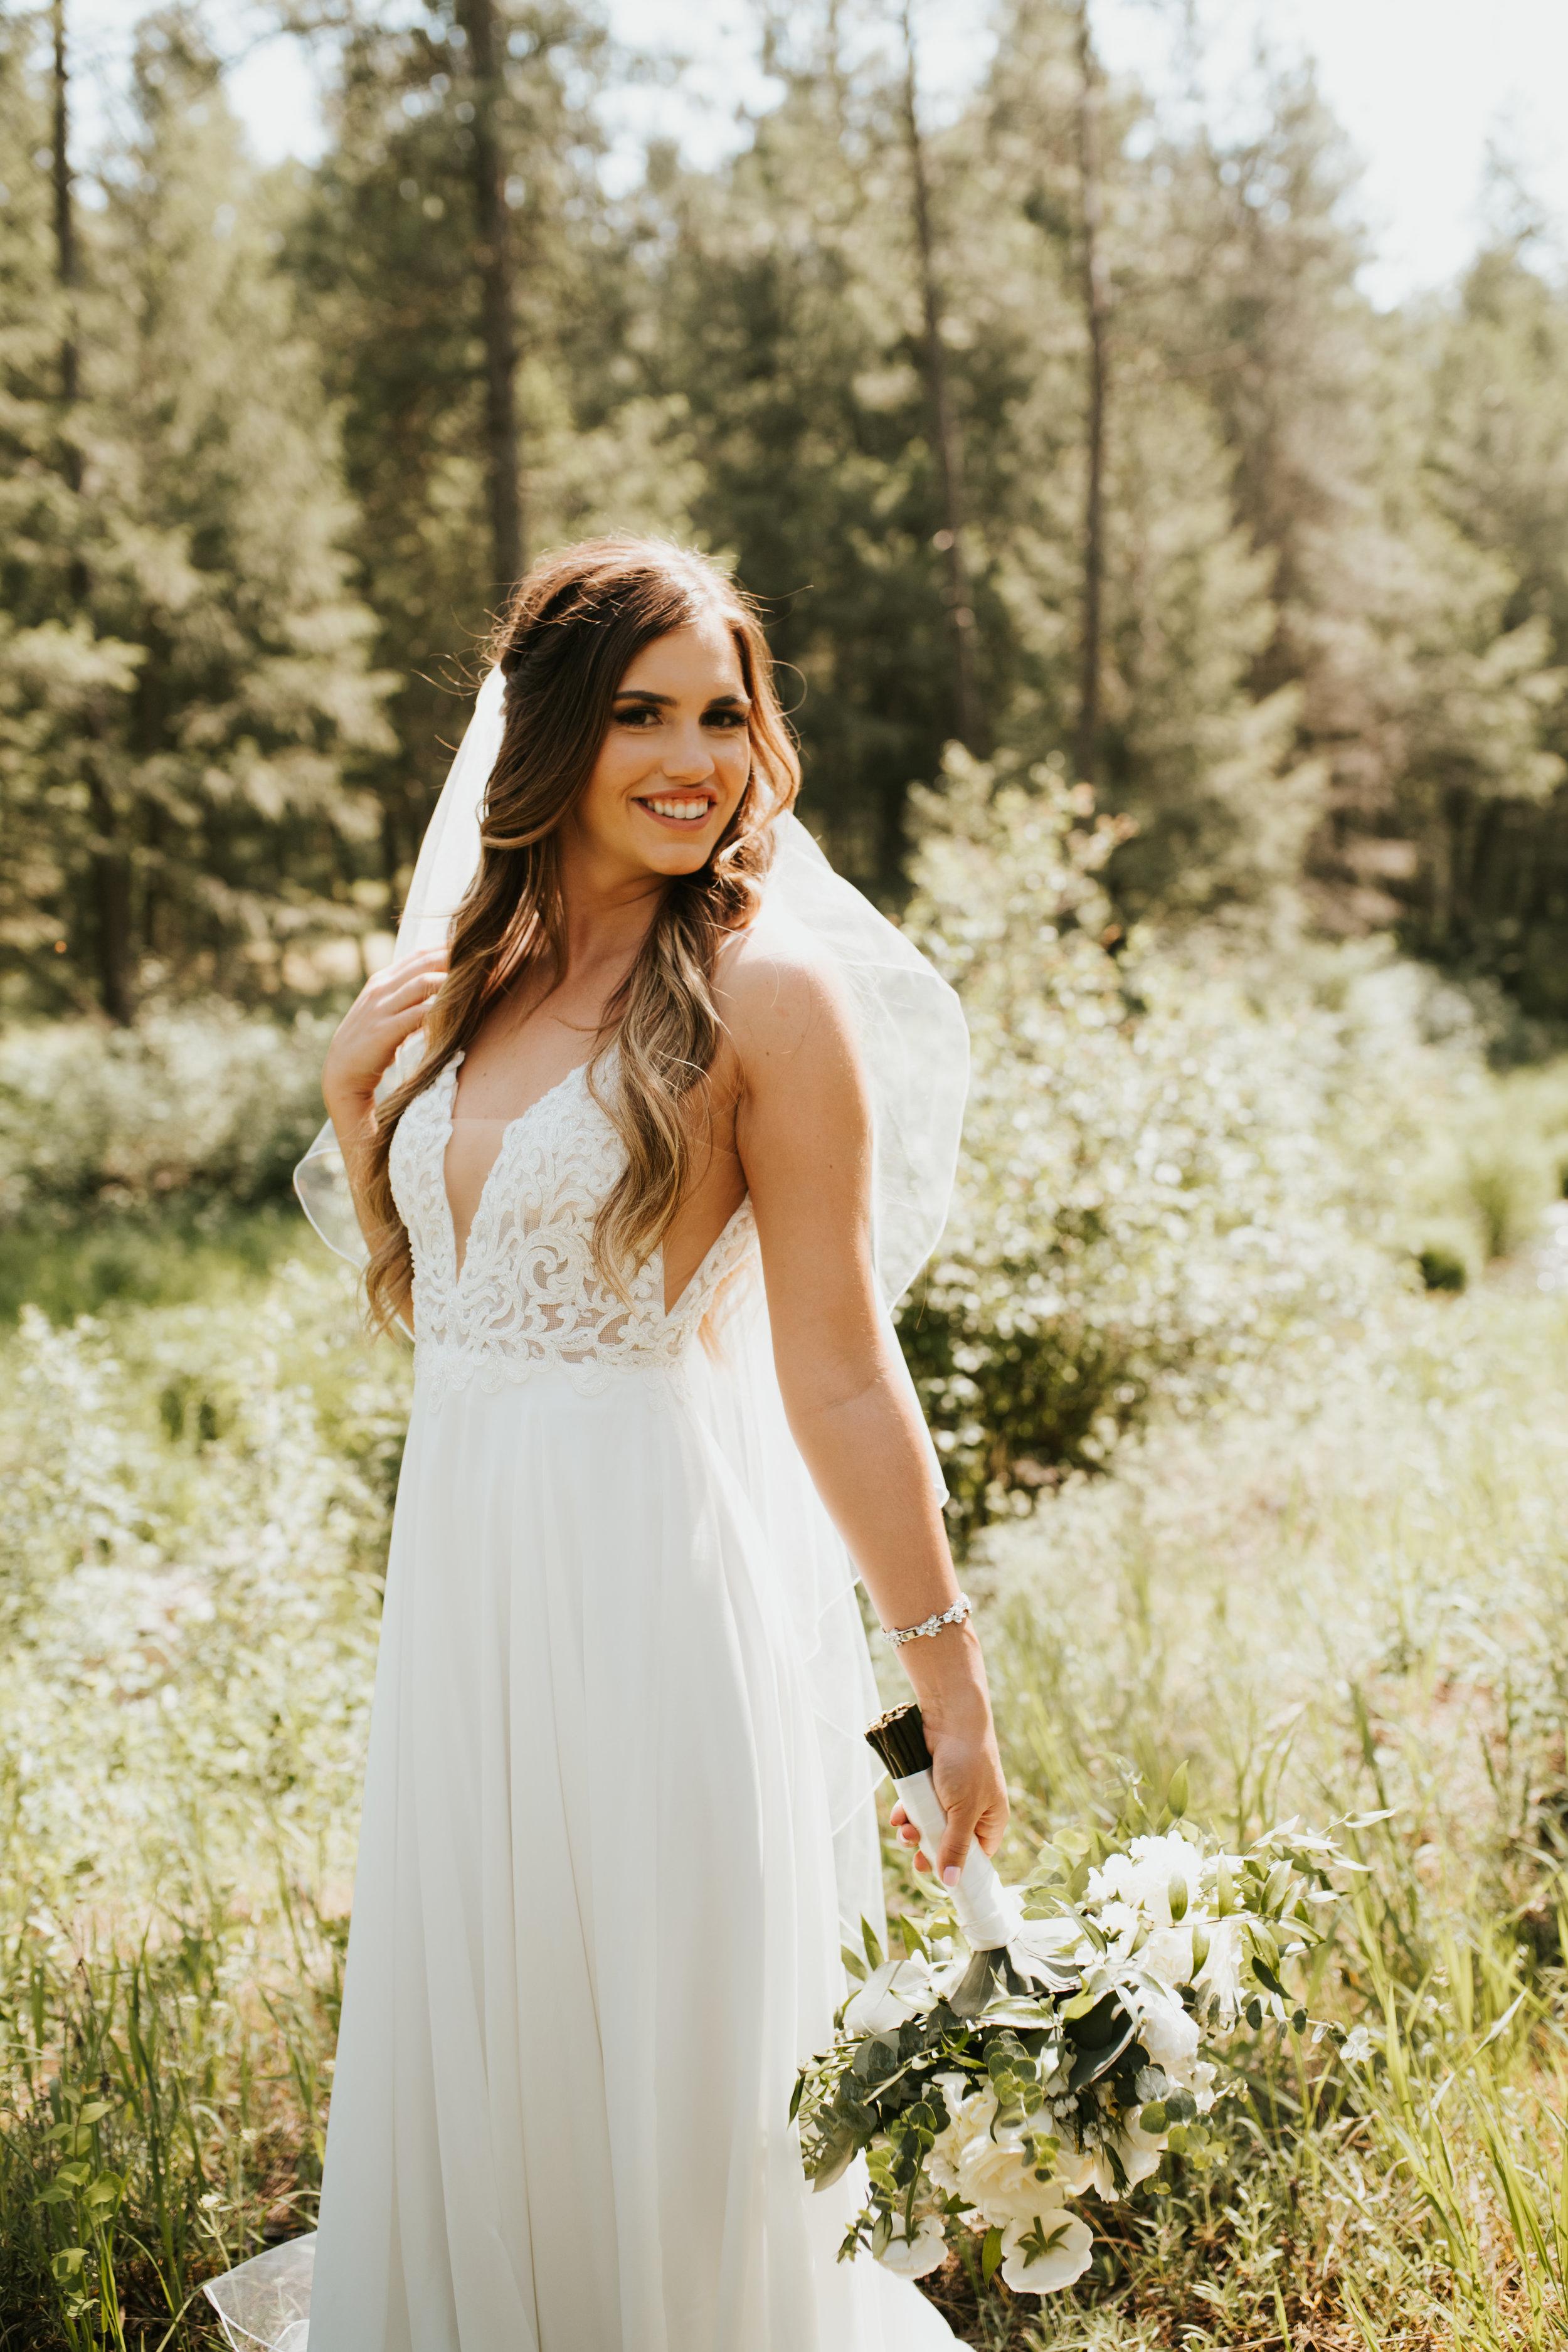 spokane bride l'amour gown